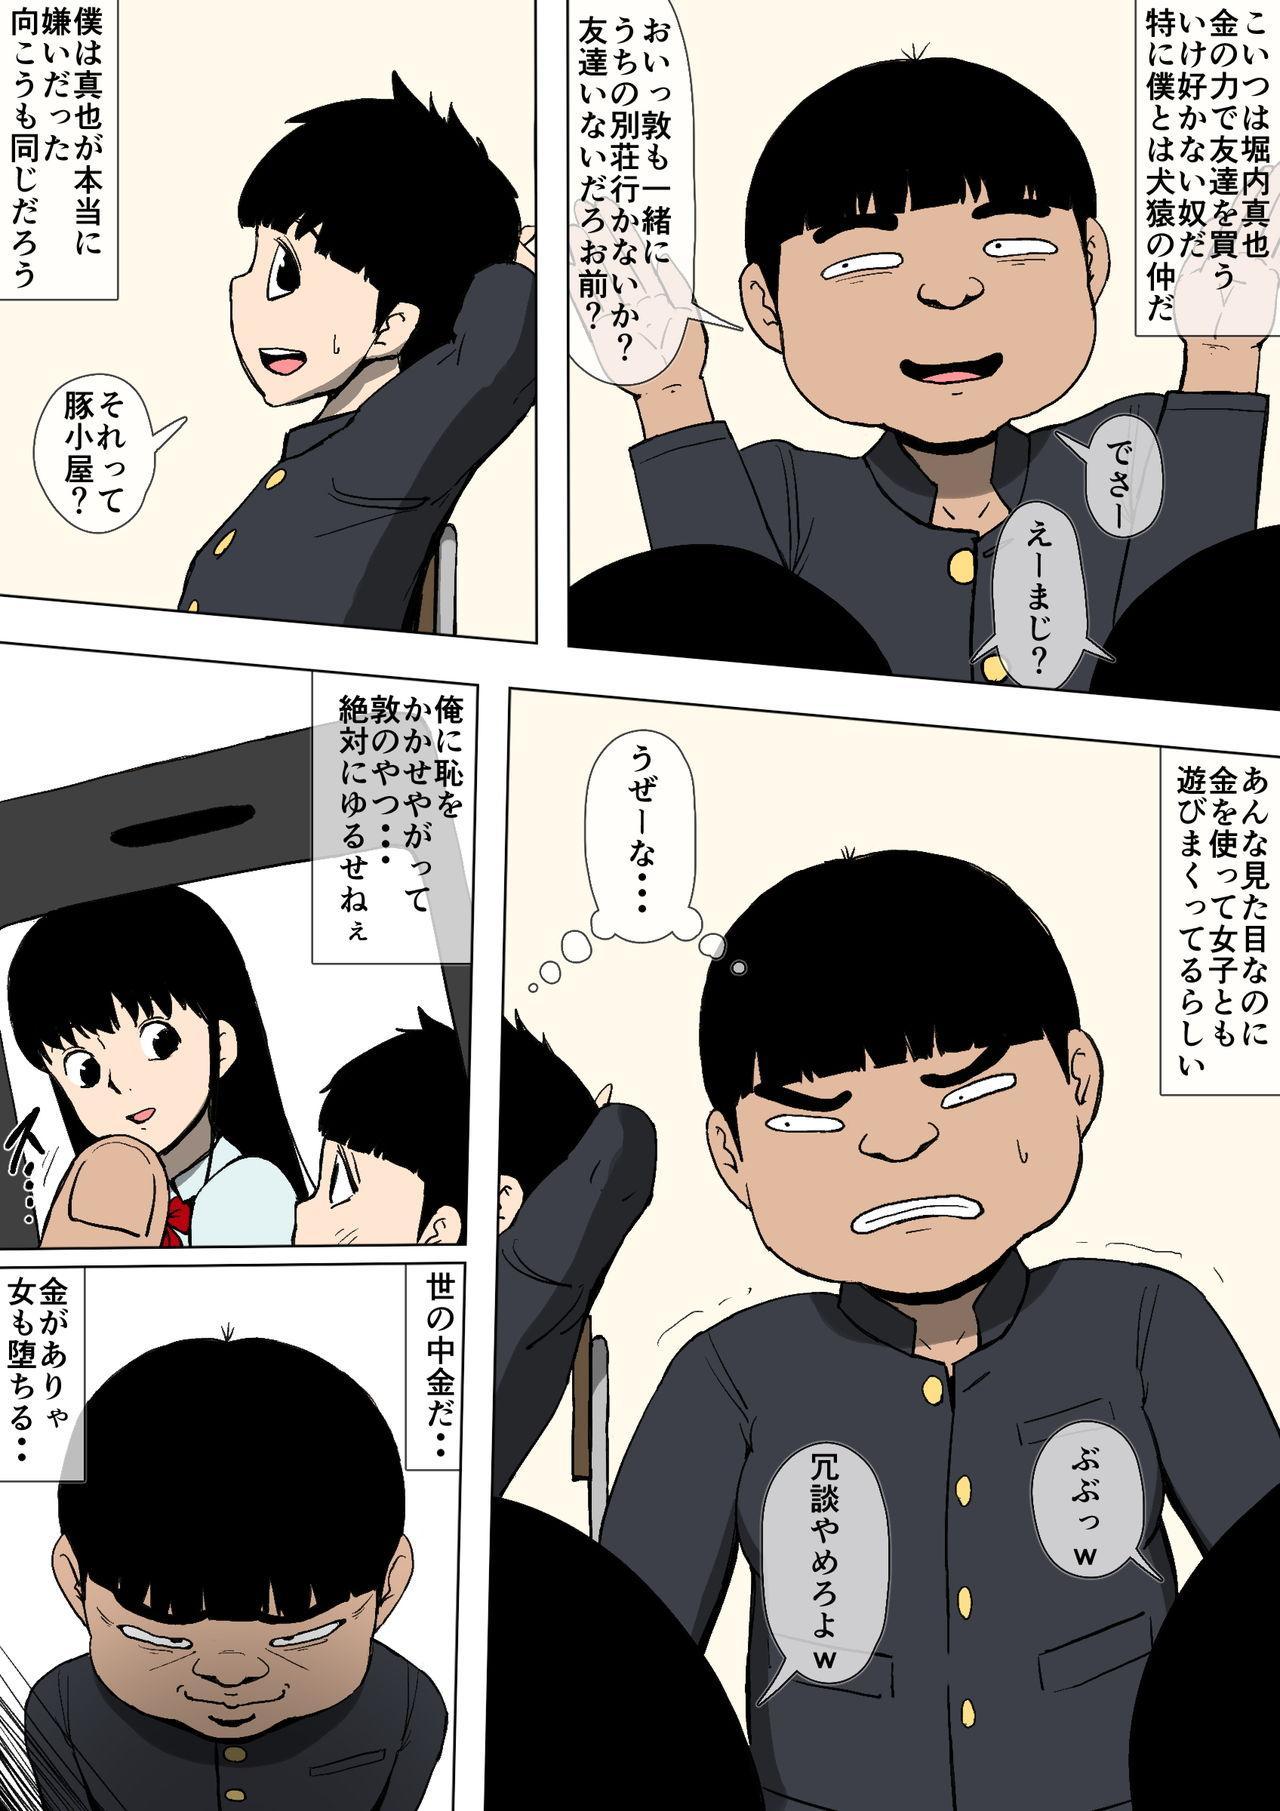 Akogare no Onee-san to Aitsu ga Tsukiatte Ita 3